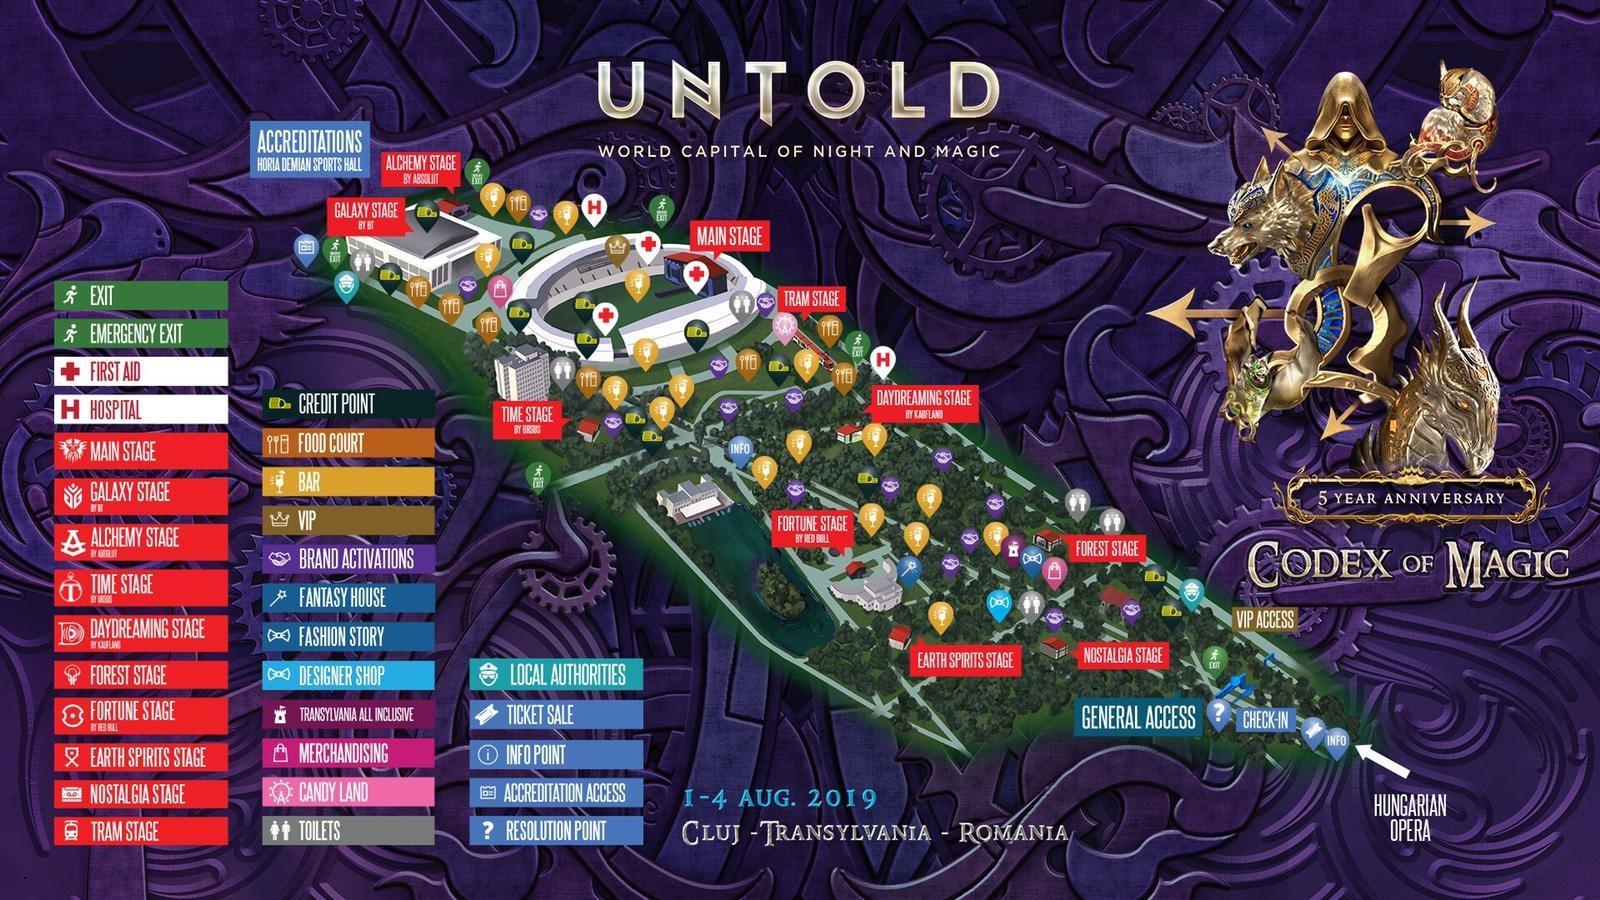 Harta-Untold-2019